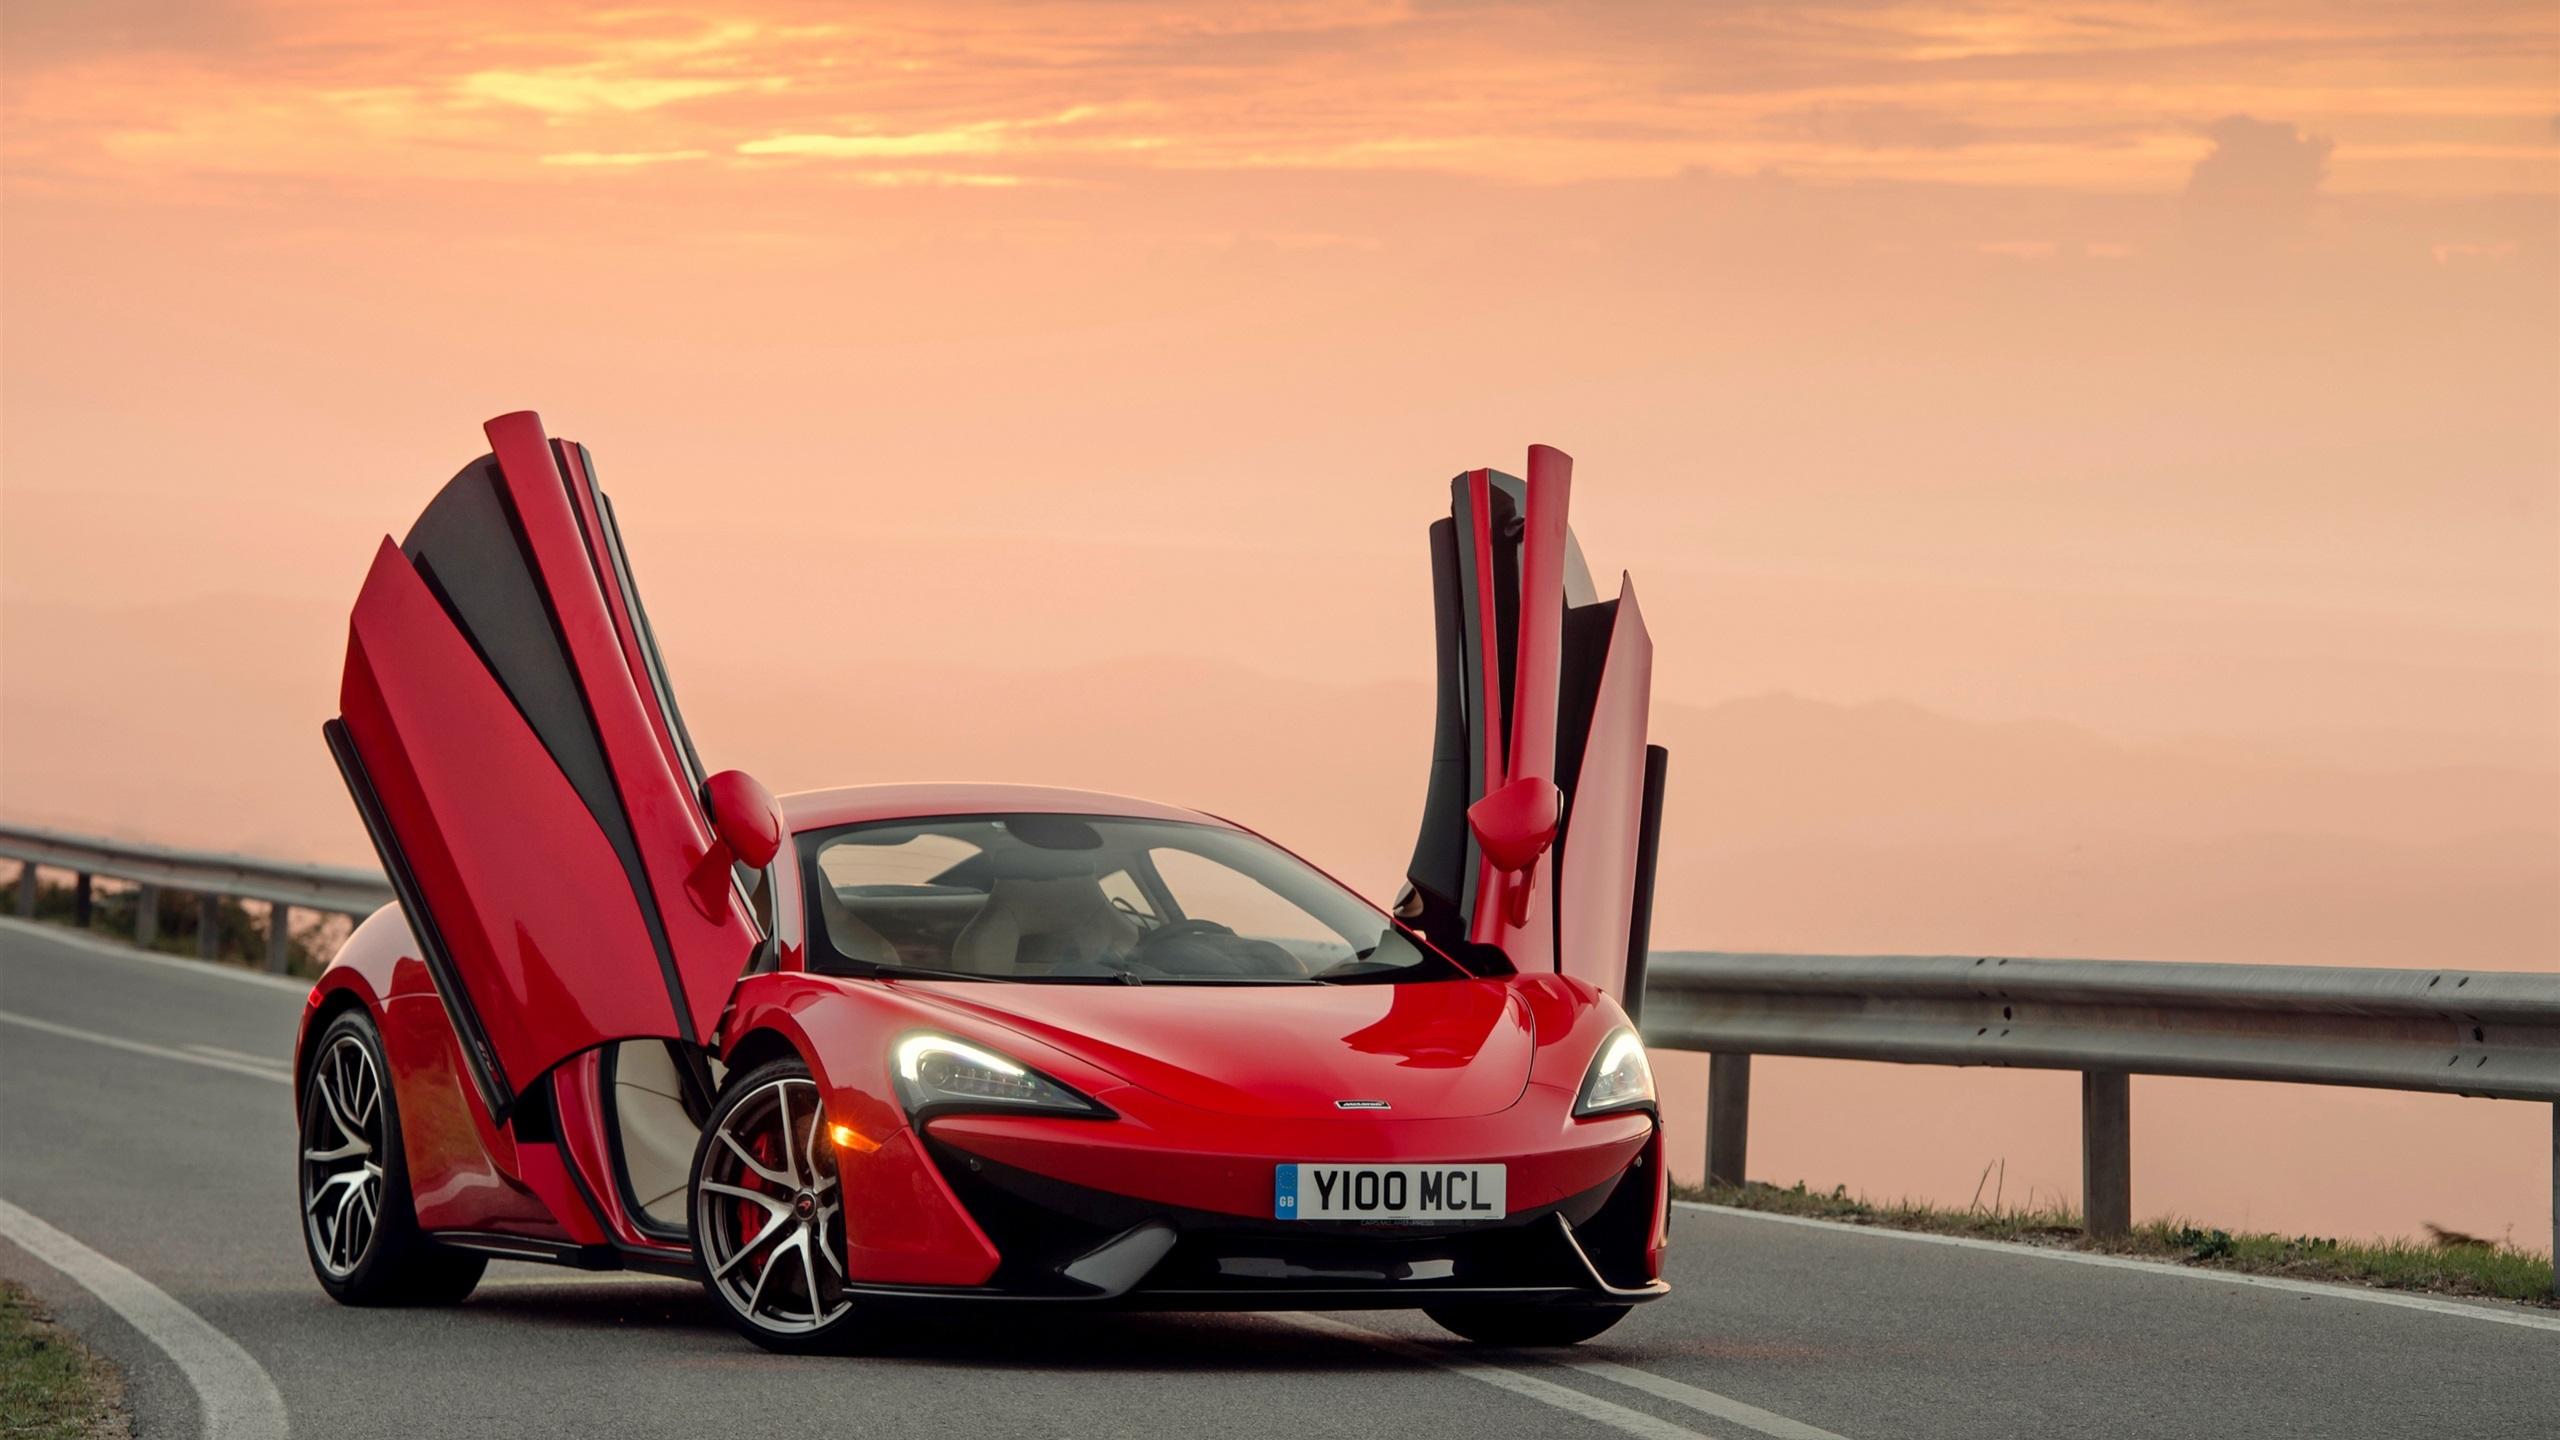 Fonds d 39 cran t l charger 2560x1440 mclaren 570s supercar for Fond ecran qhd